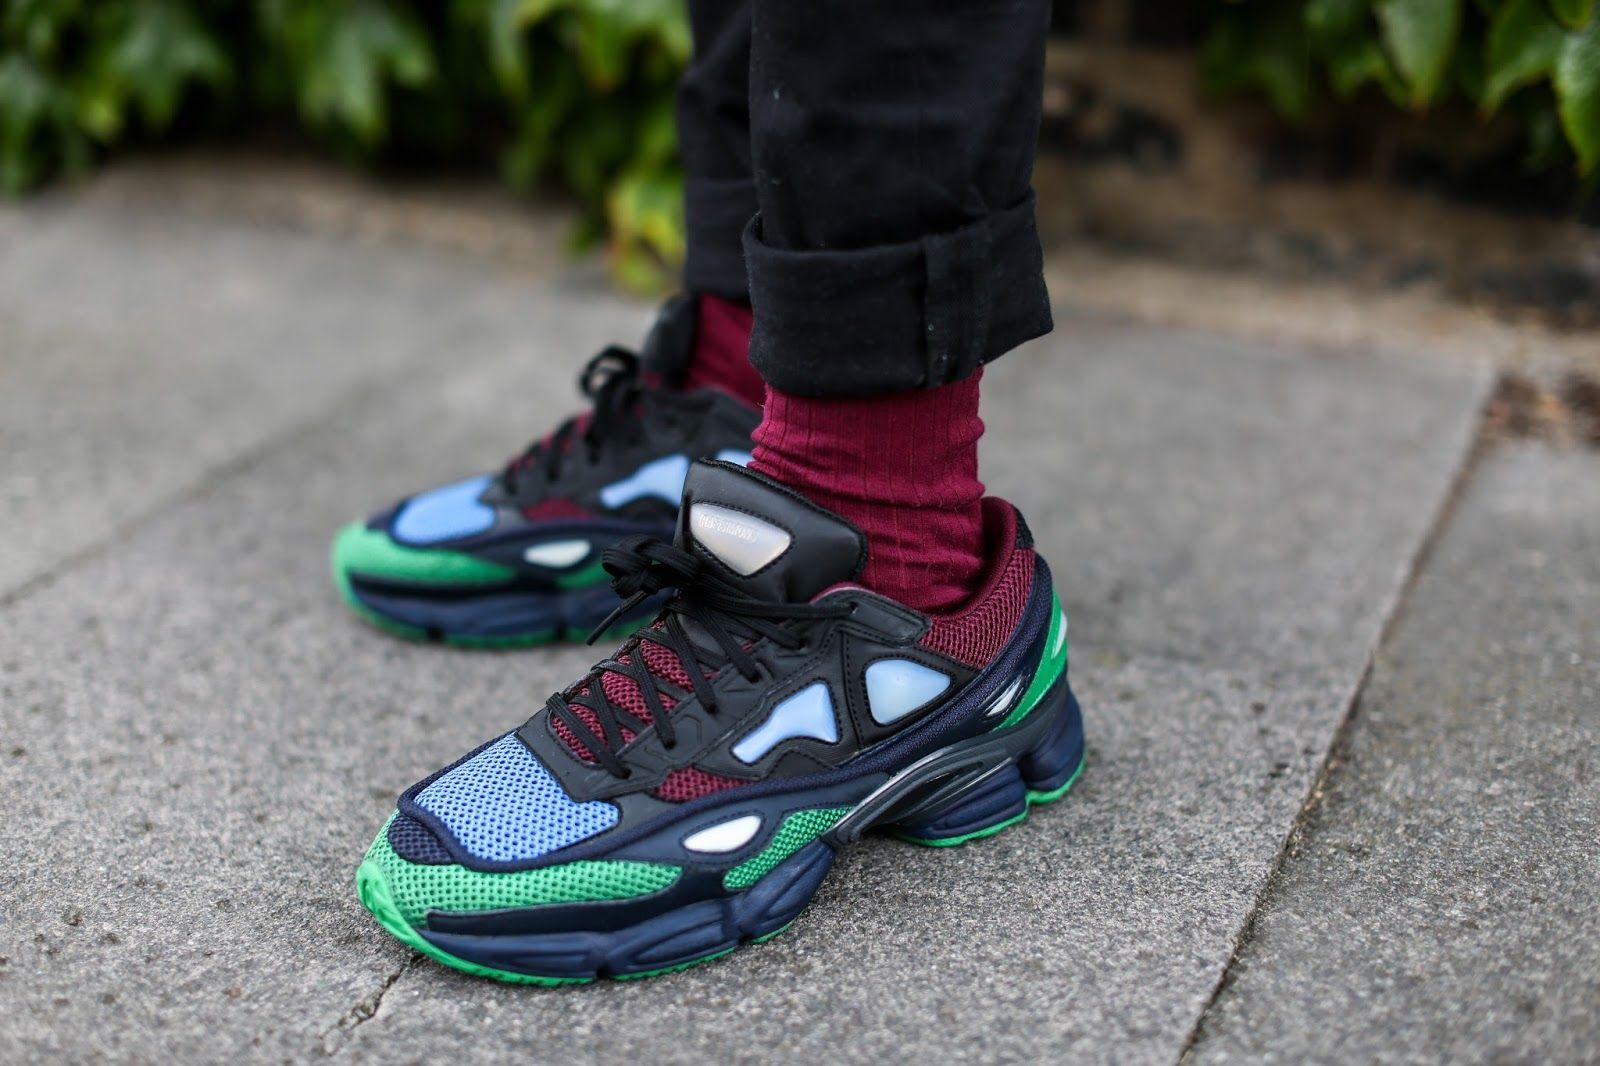 adidas by Raf Simons - Ozweego 2 FW13